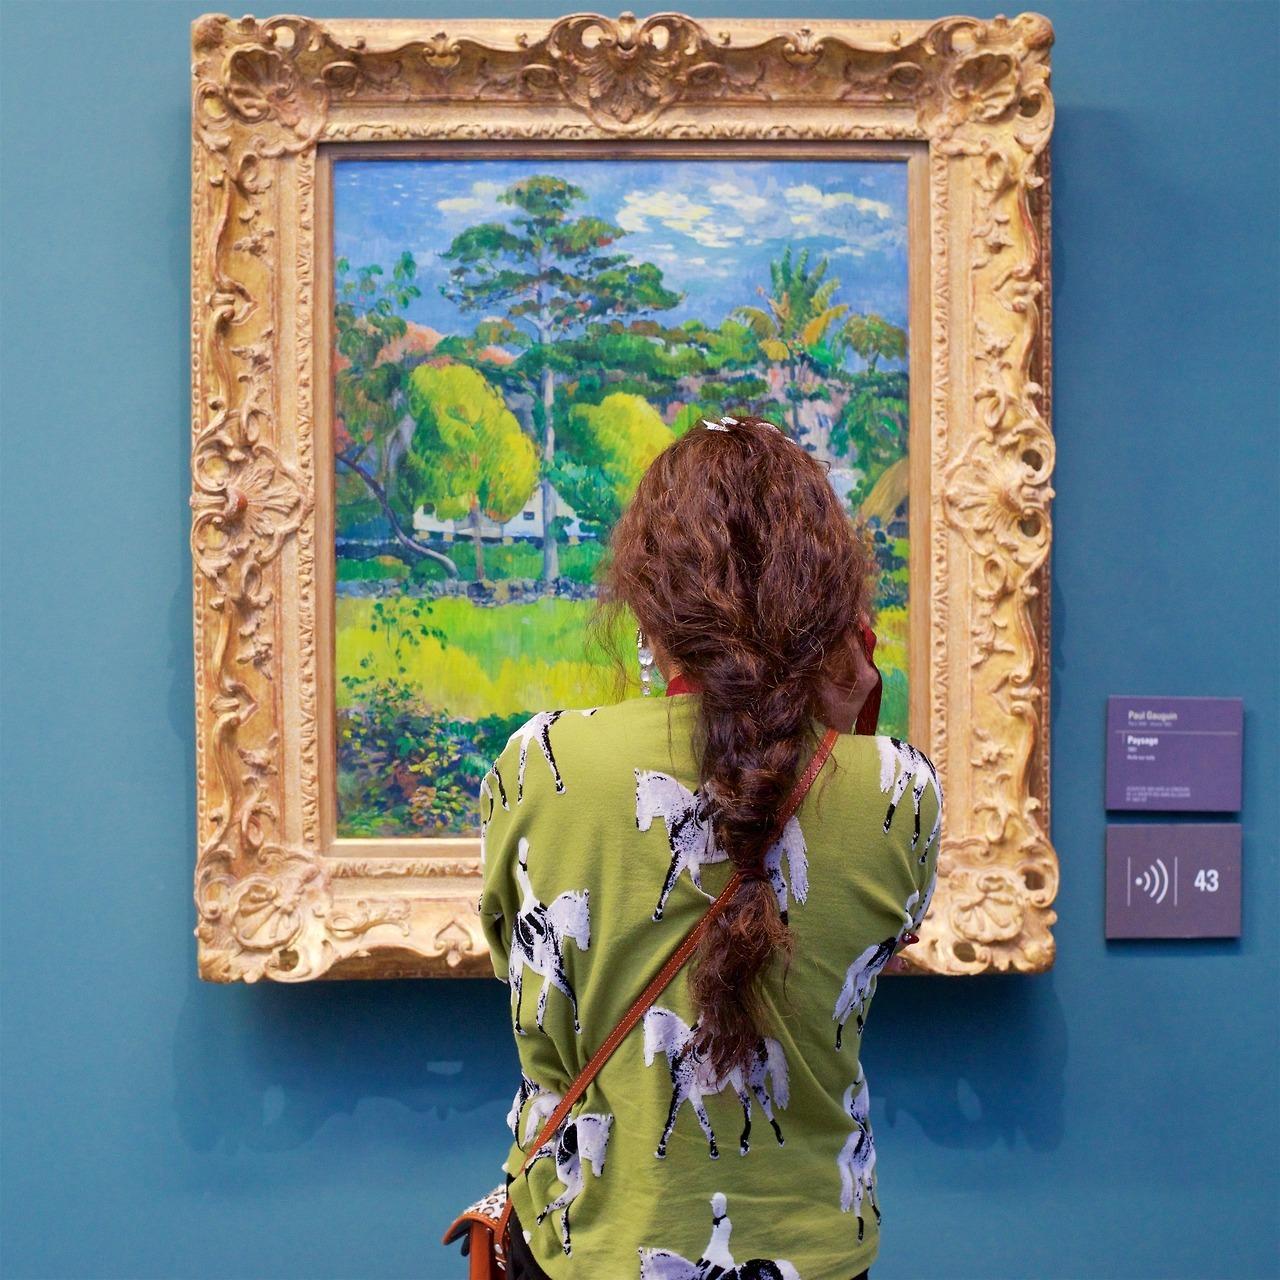 नारी कला के काम को देखती है।